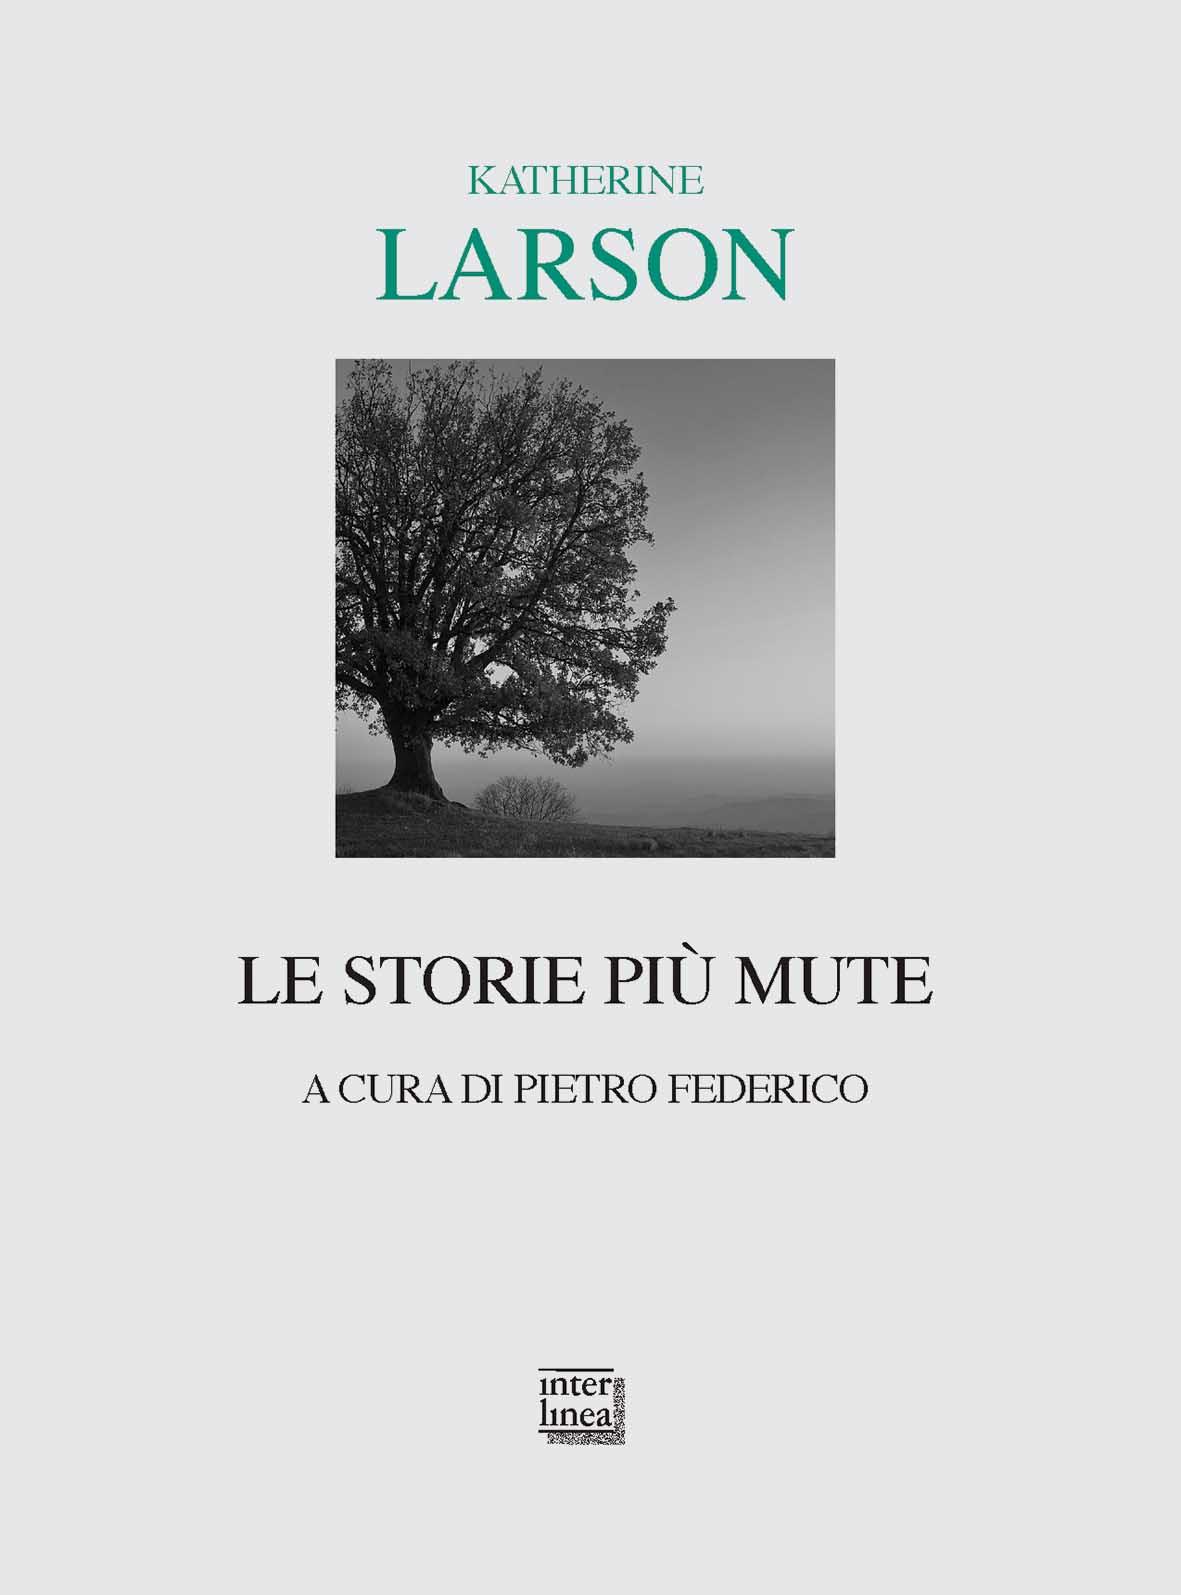 Larson, Le storie più mute 300